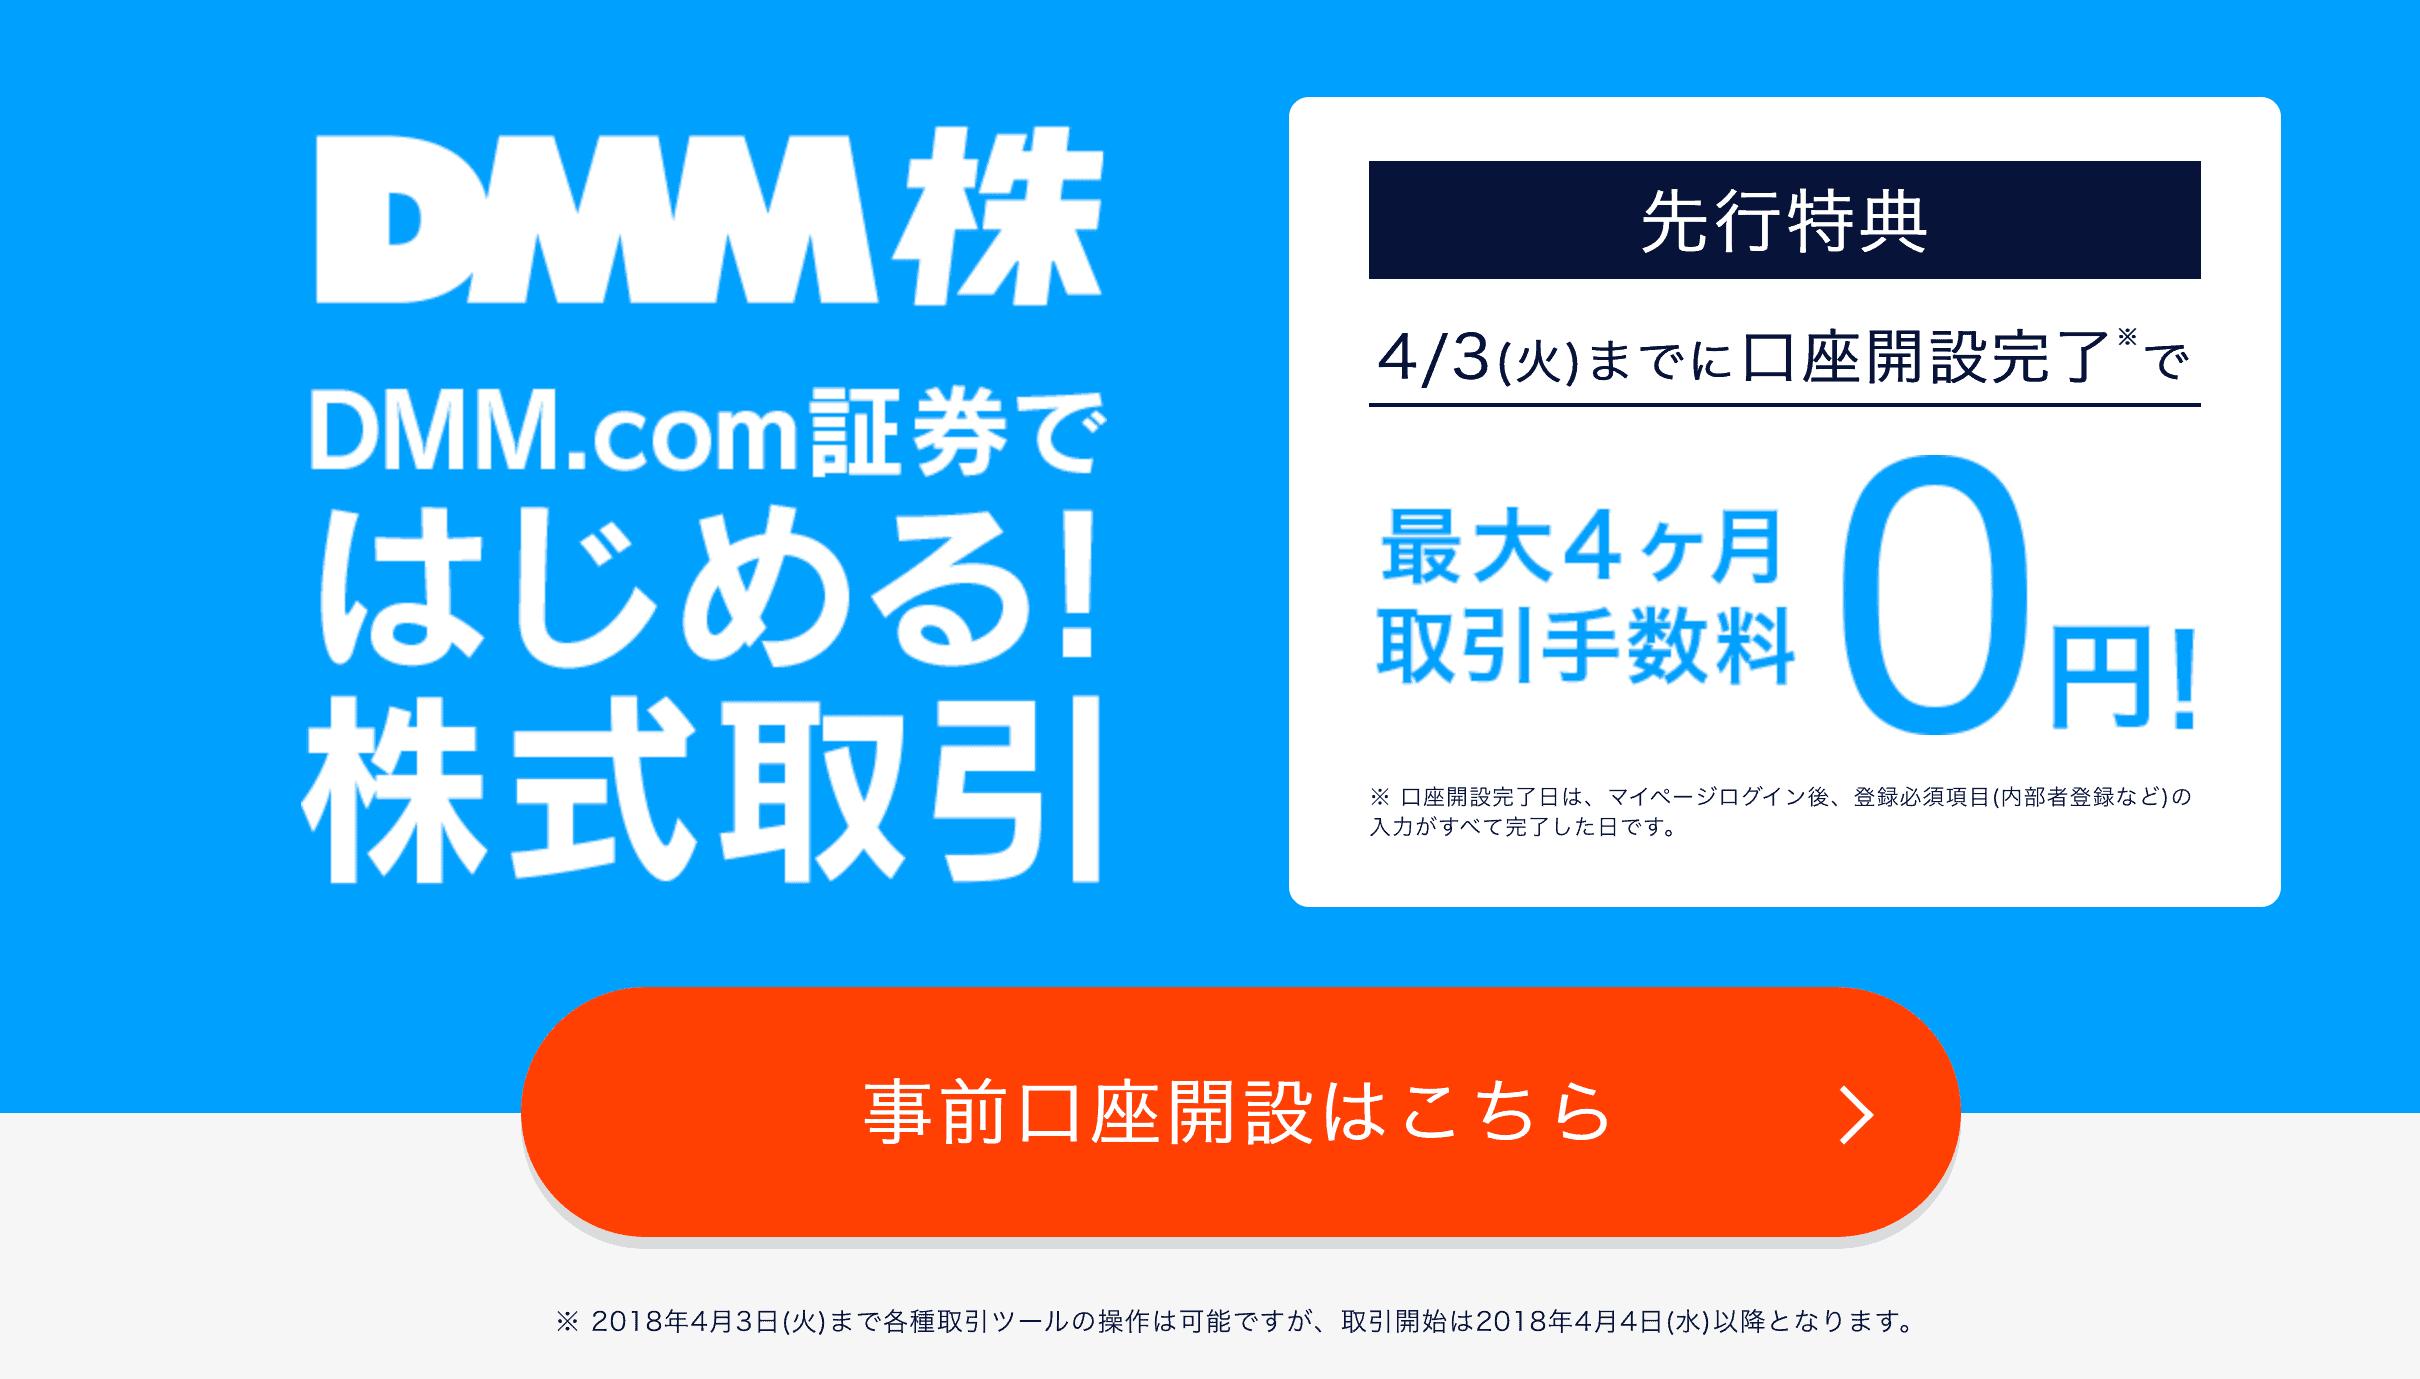 DMM.com証券の口座開設ページへ